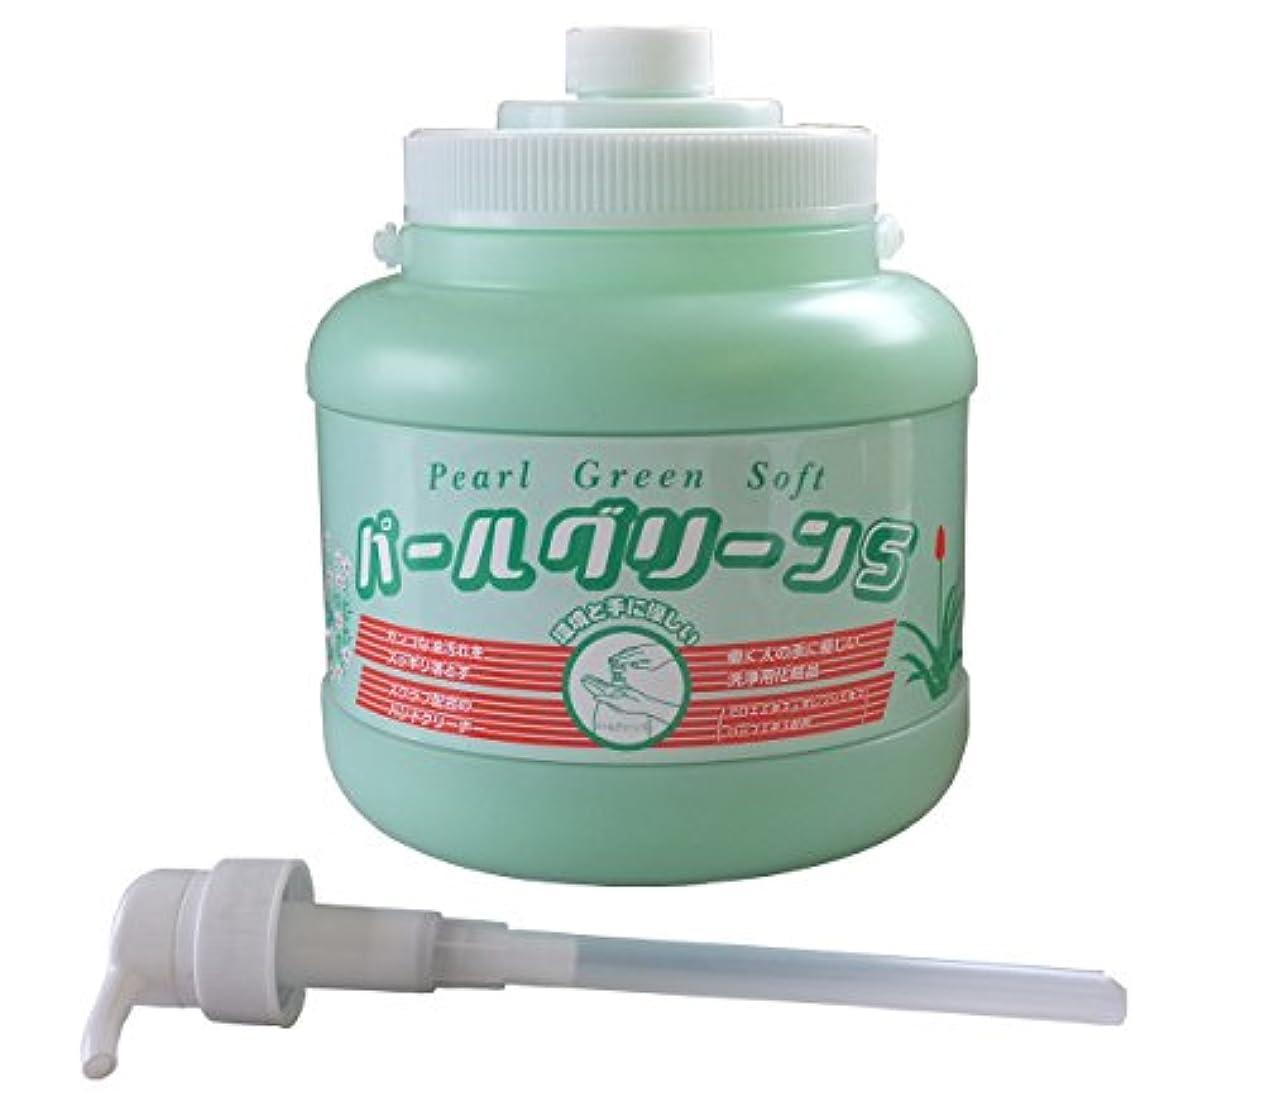 スリムパトワ違う手の油汚れを水なしで素早く落とす!環境を考えた手に優しいハンドクリーナー!パールグリーンS[ポンプ式]2.5kg×1本